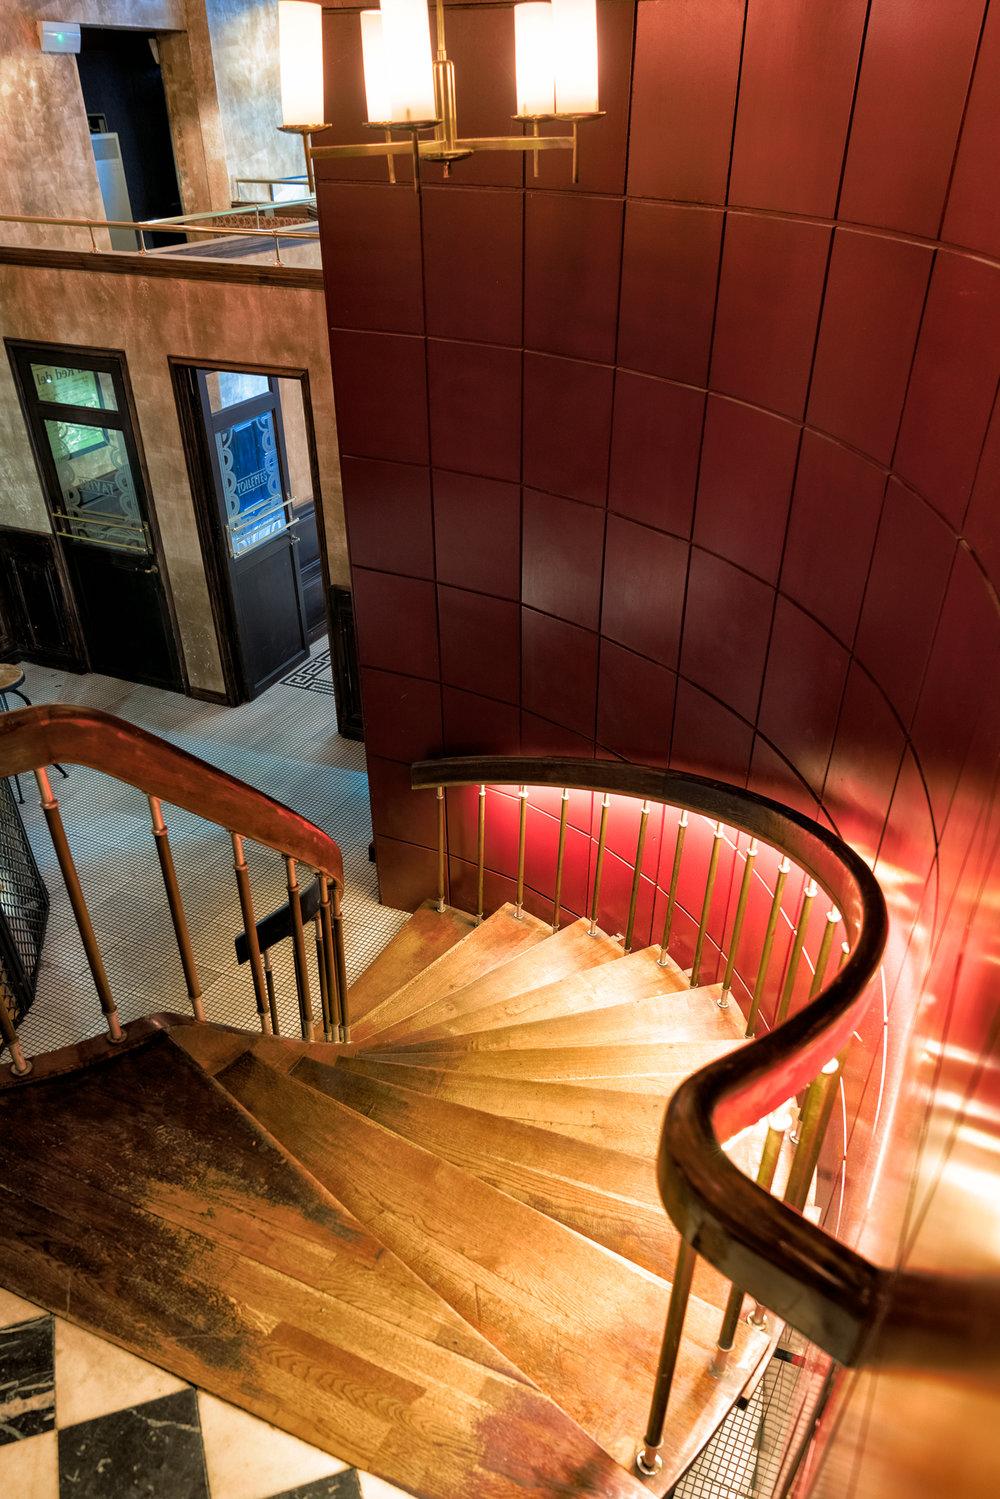 Barcelona Cher Restaurant-4.jpg